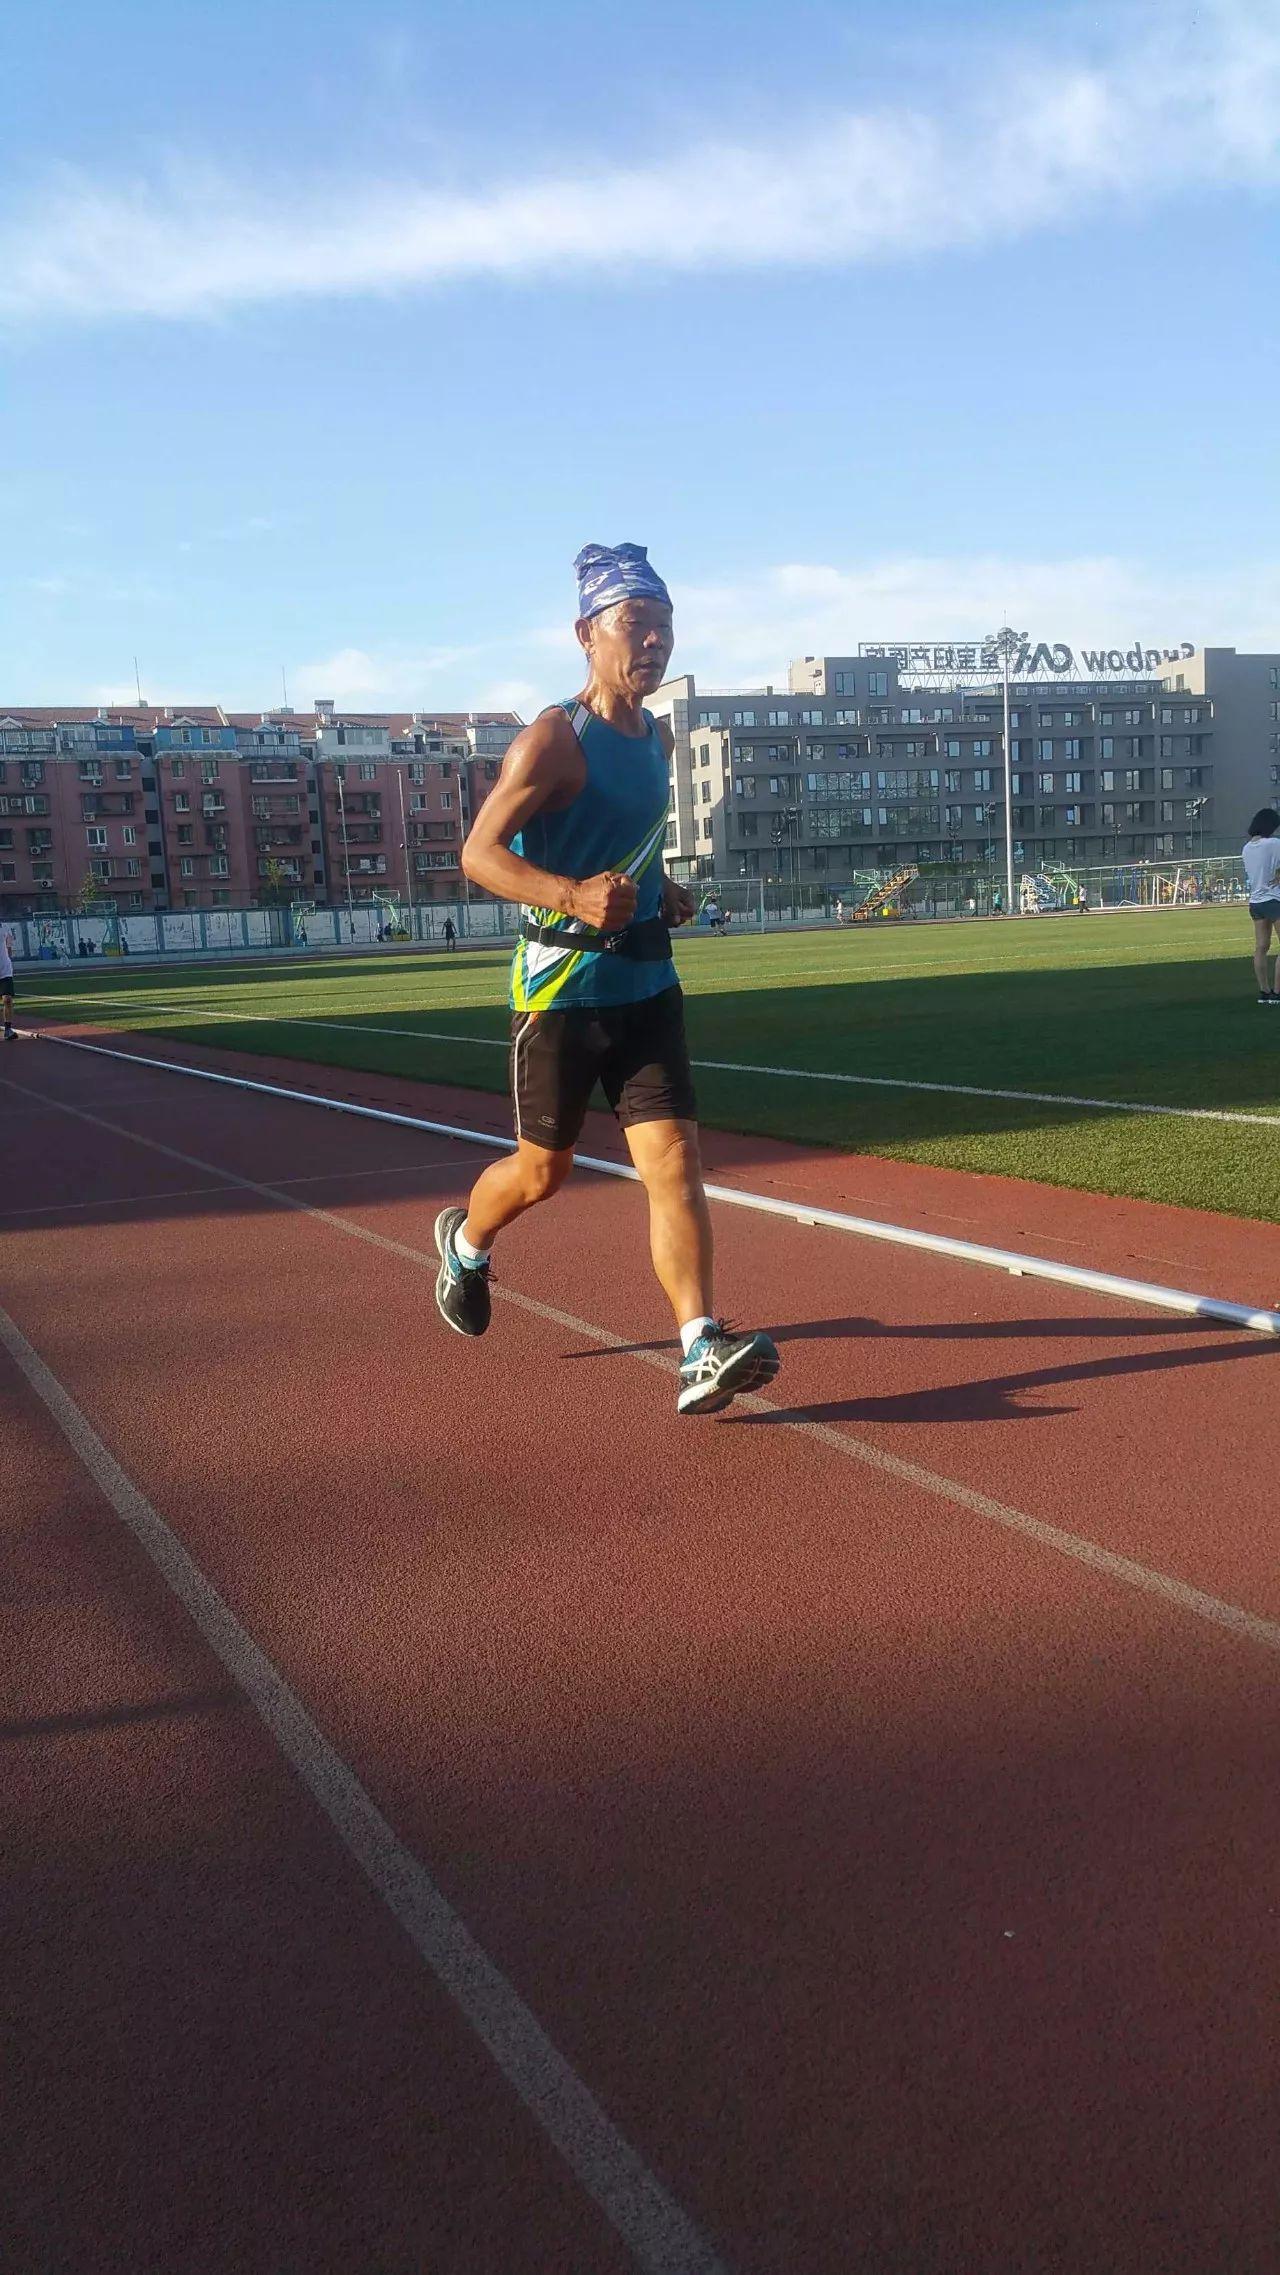 74岁孙国章:坚持跑步半个世纪,他是真正的跑者